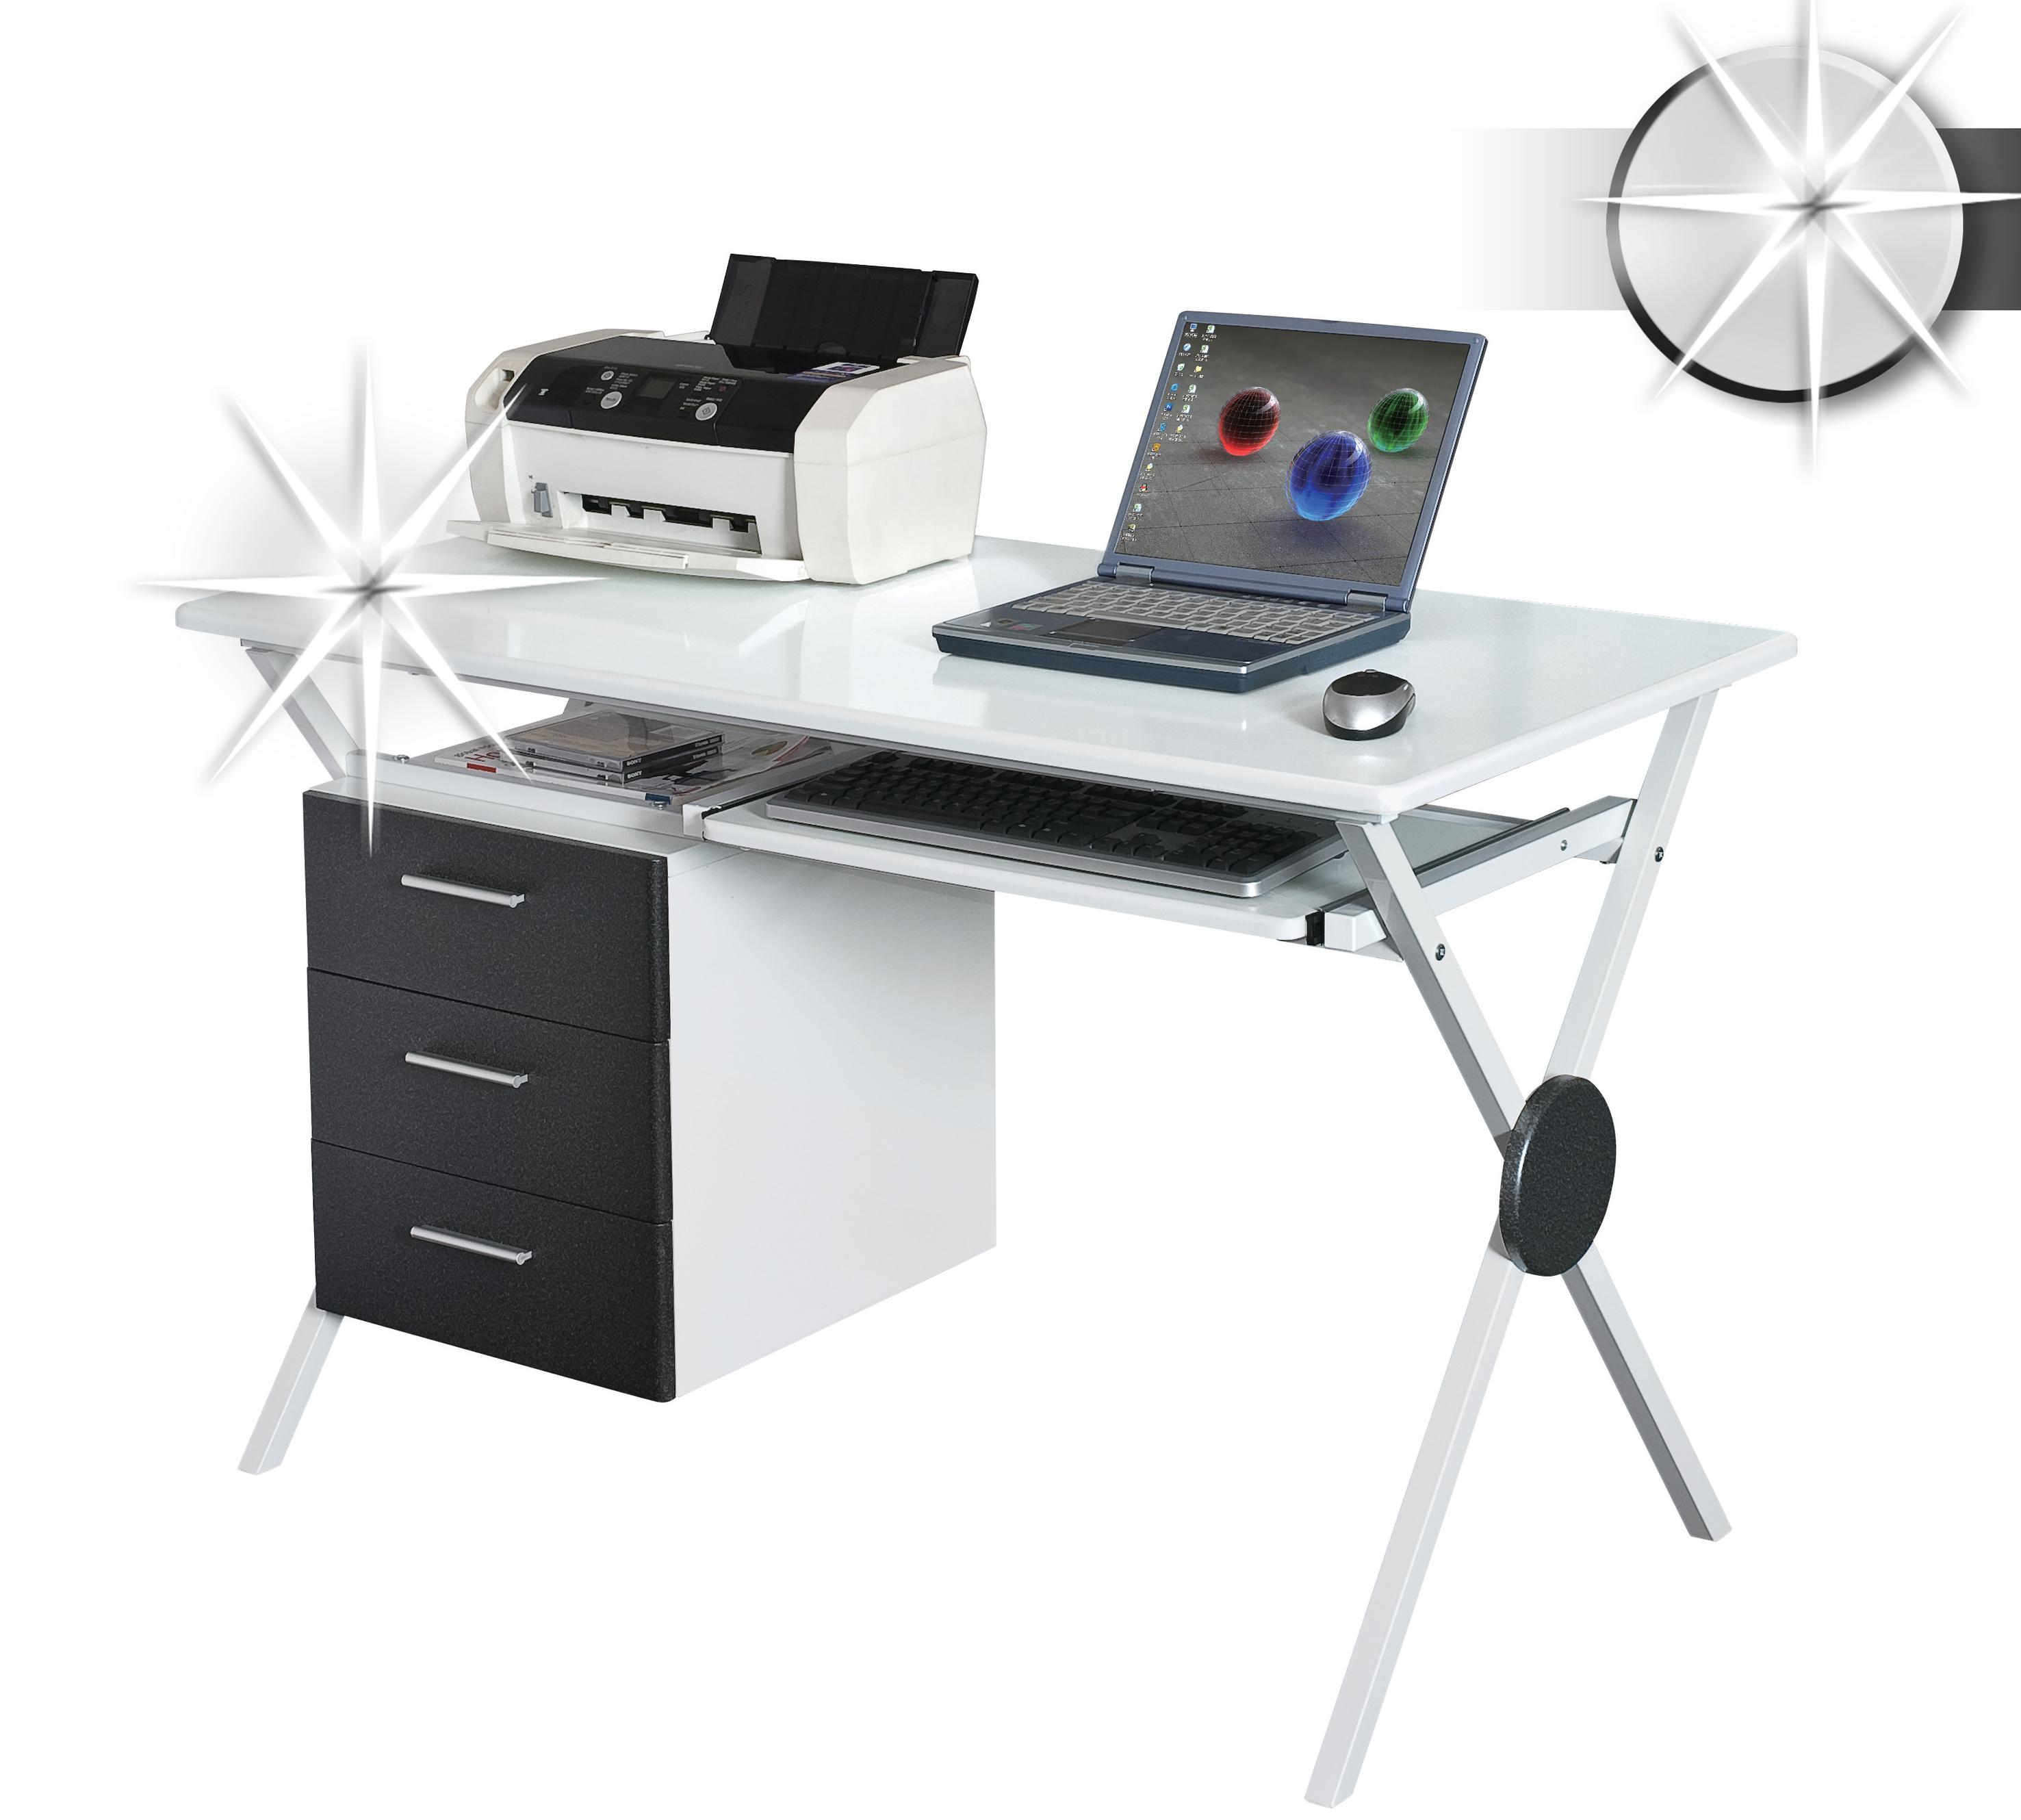 Computerschreibtisch pc schreibtisch hochglanz wei for Schreibtisch hochglanz schwarz